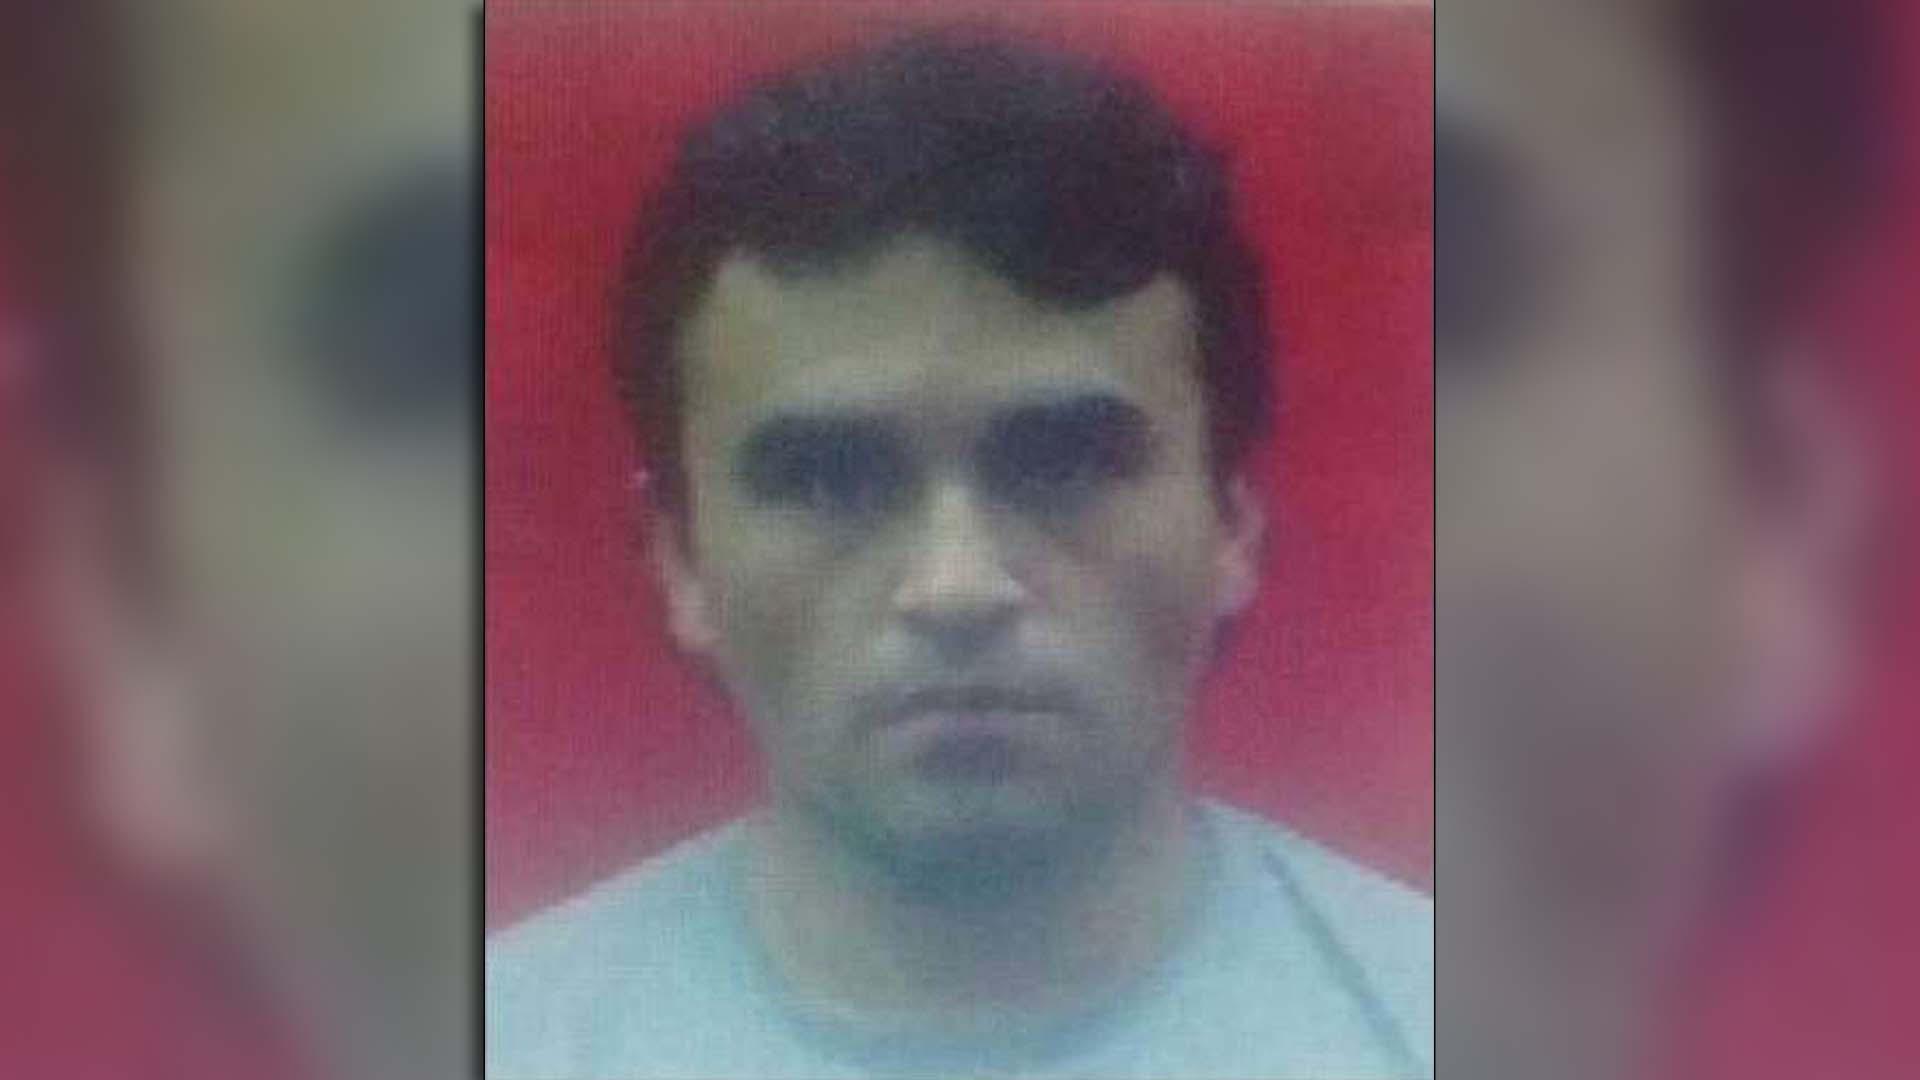 José Patricio Molina asesinó a tres personas, incendió la casa y luego se ahorcó